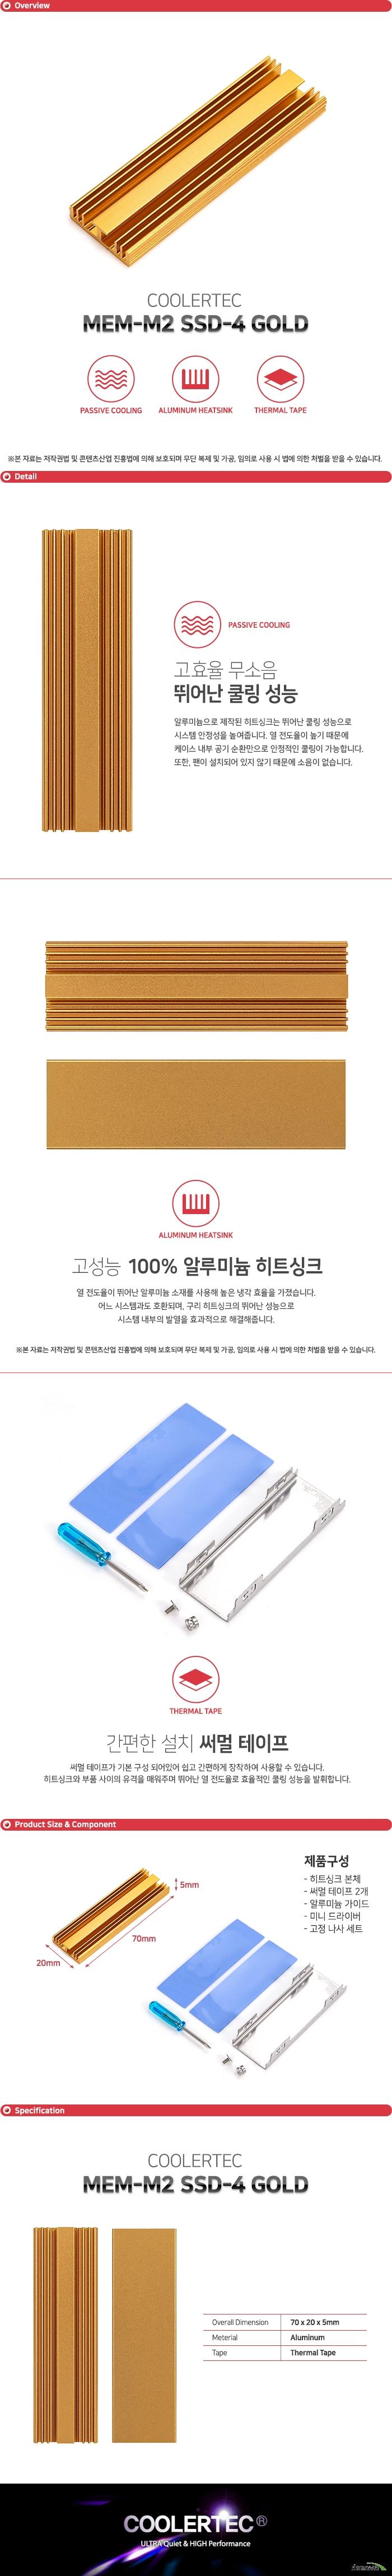 COOLERTEC MEM-M2 SSD-4 GOLD